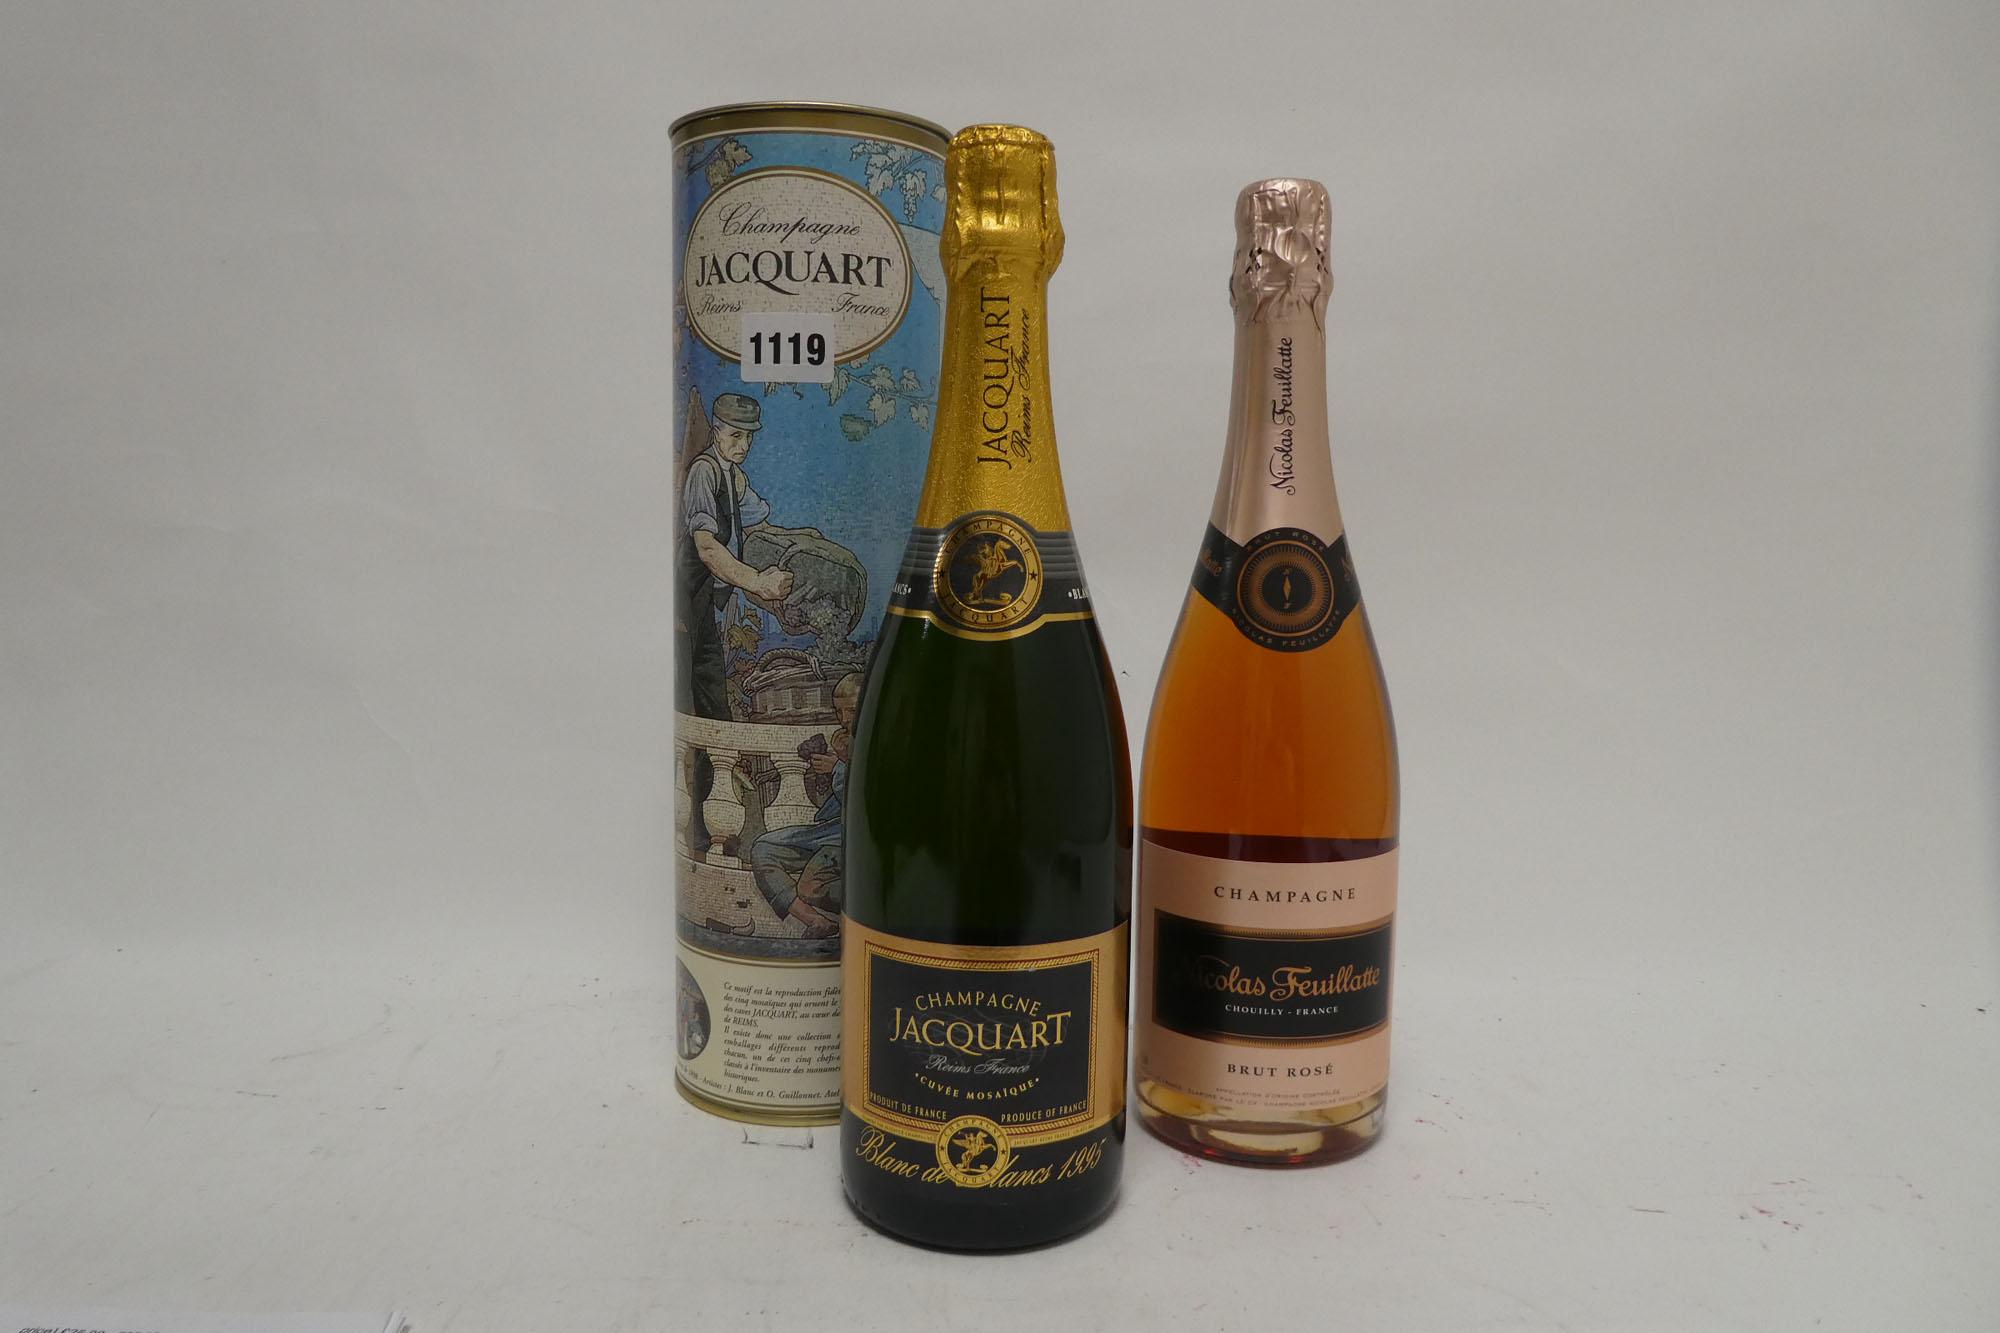 2 bottles, 1x Jacquart Cuvee Mosaigue Blanc de Blancs 1995 with carton 75cl 12. - Image 2 of 2